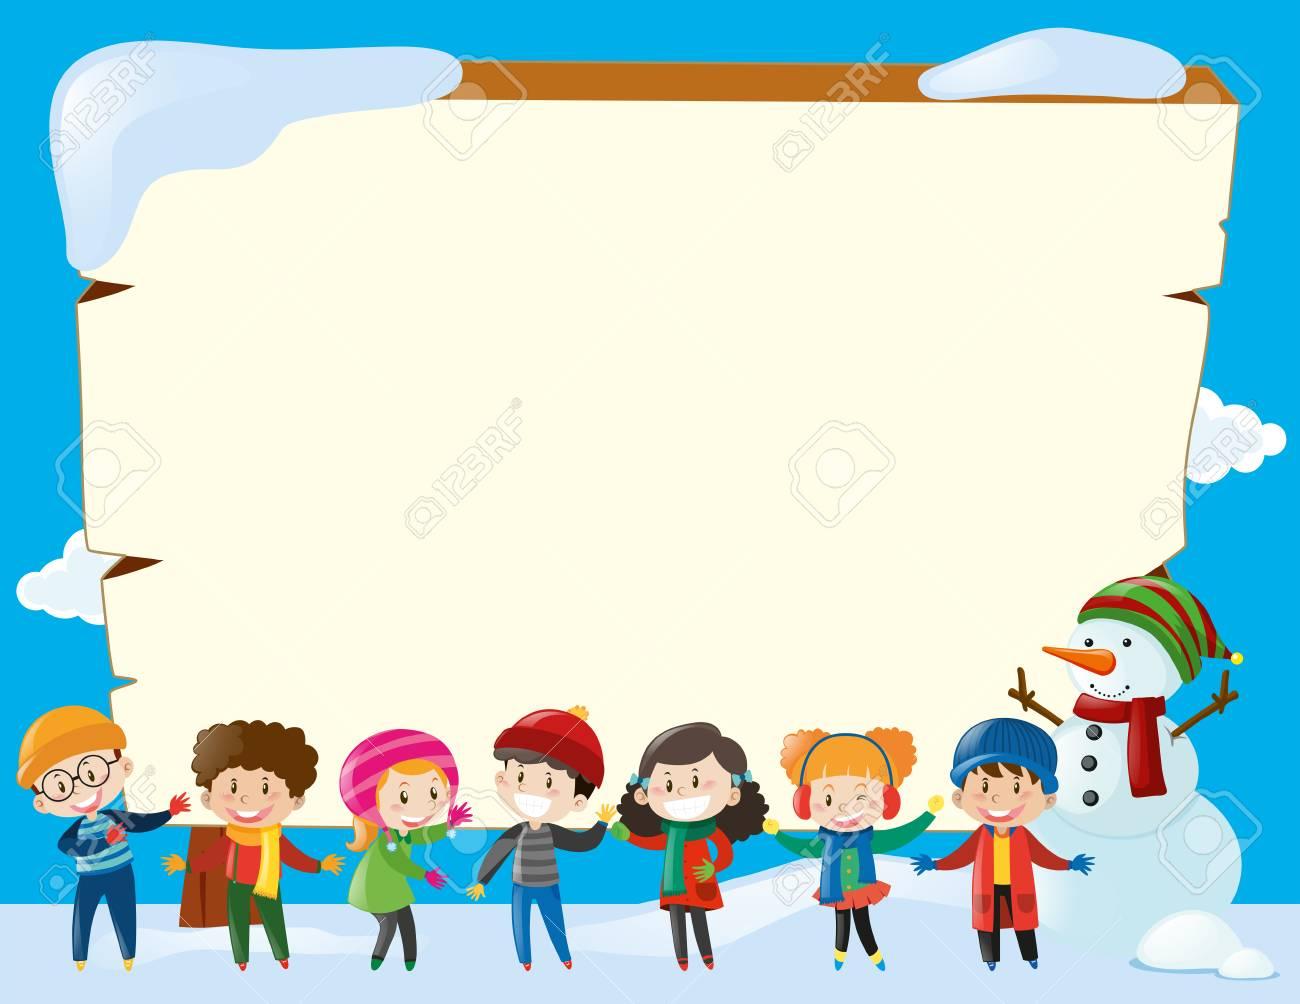 冬のイラストの子供たちと枠線テンプレートのイラスト素材ベクタ